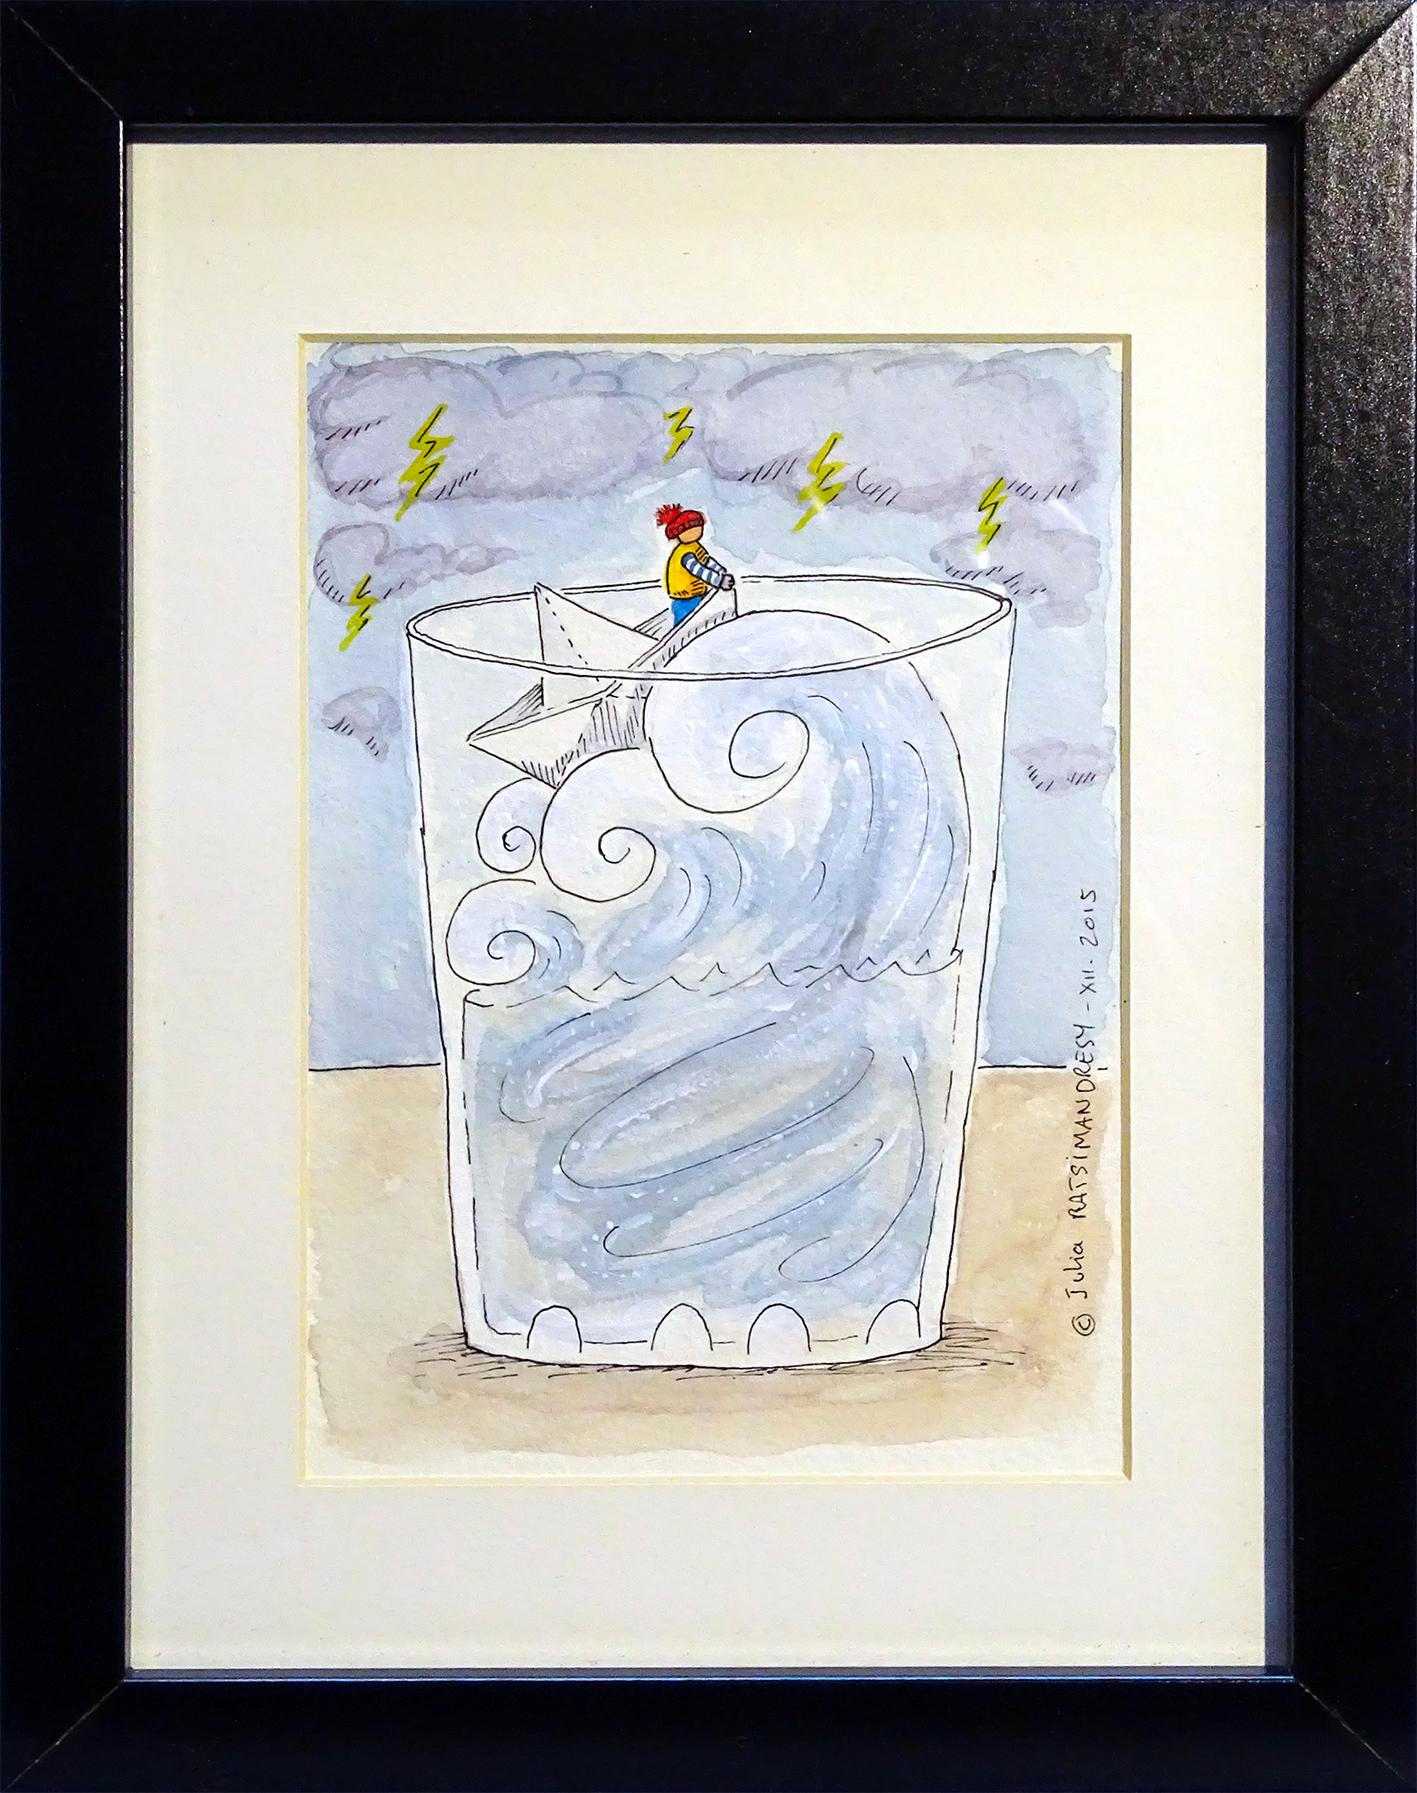 """""""Tempête"""" ©Julia Ratsimandresy / Aquarelle originale encadrée / Cadre bois noir+verre 20,5x26,5 cm / 40€ hors fdp /Exemplaire unique!"""